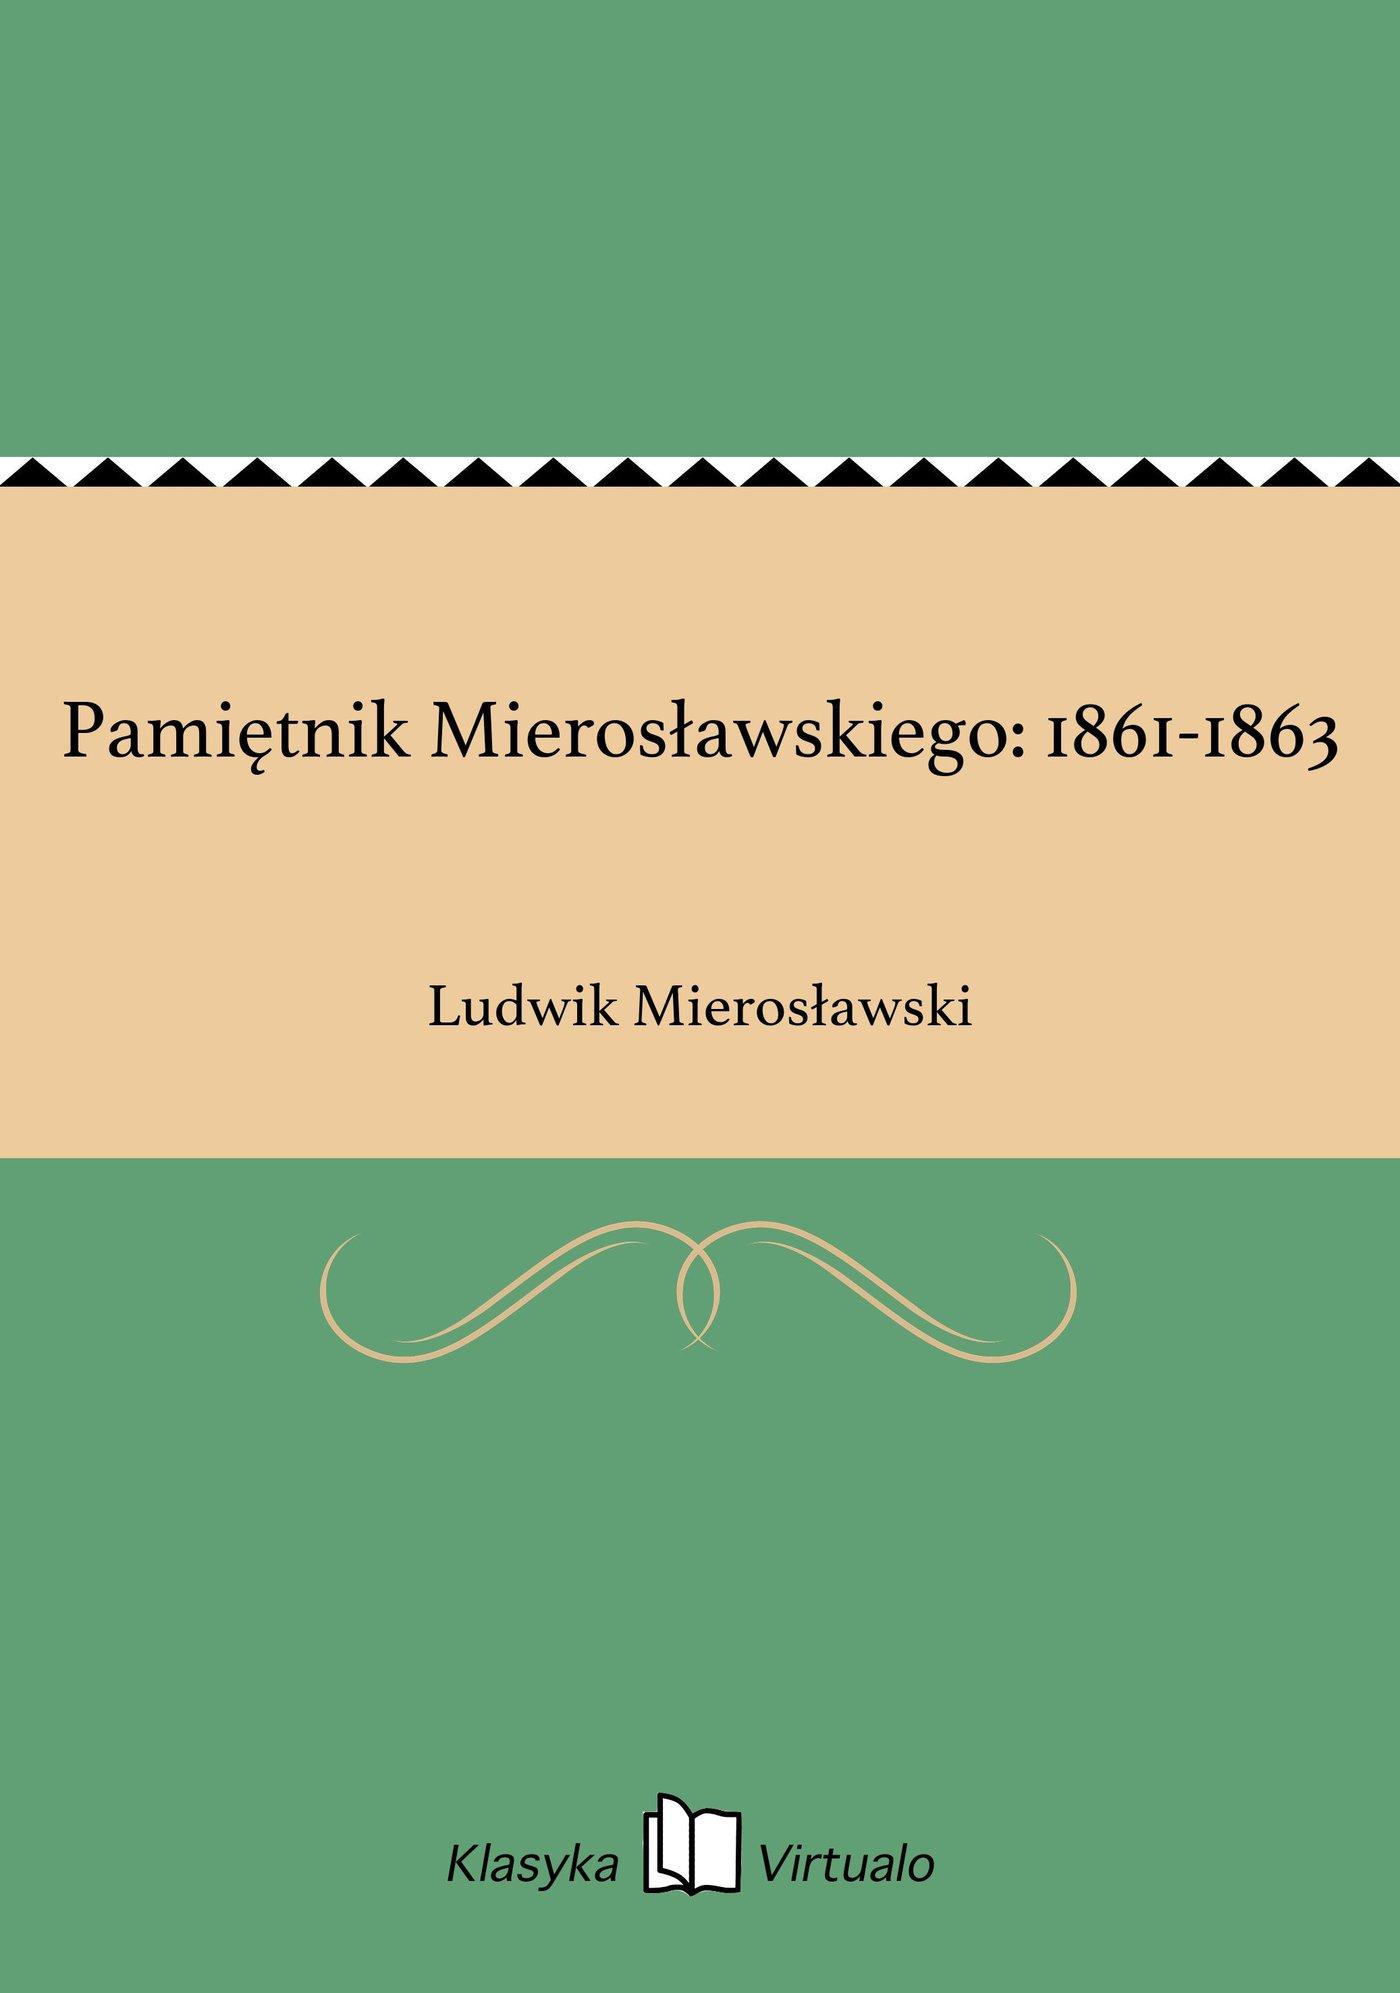 Pamiętnik Mierosławskiego: 1861-1863 - Ebook (Książka na Kindle) do pobrania w formacie MOBI